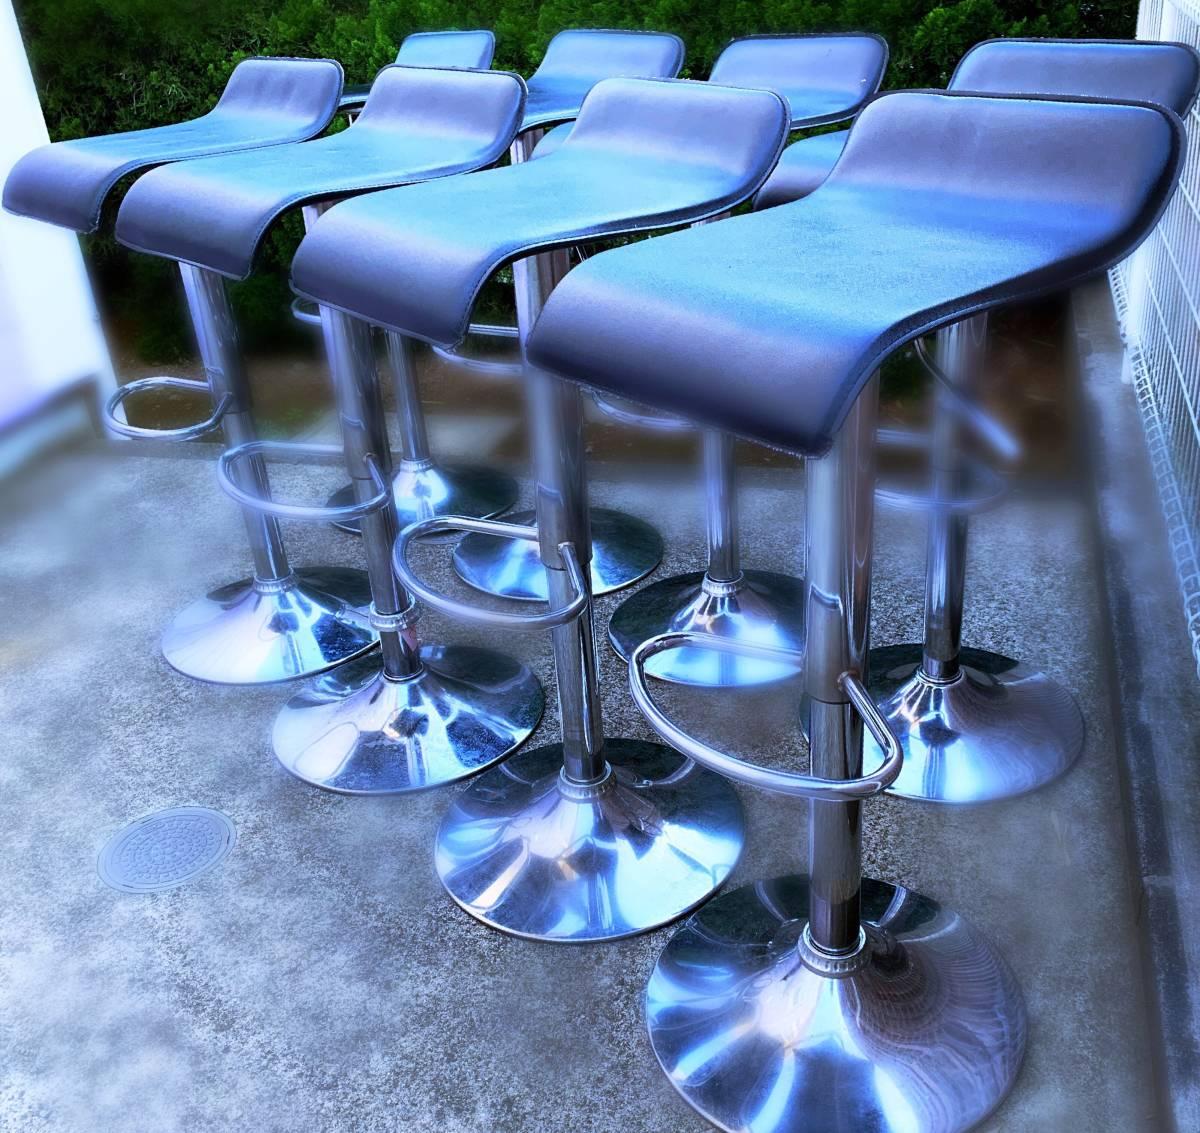 [* прекрасный товар *] счетчик стул *W400×D400×H640~850* высота настройка имеется * ограничение 8 шт.!